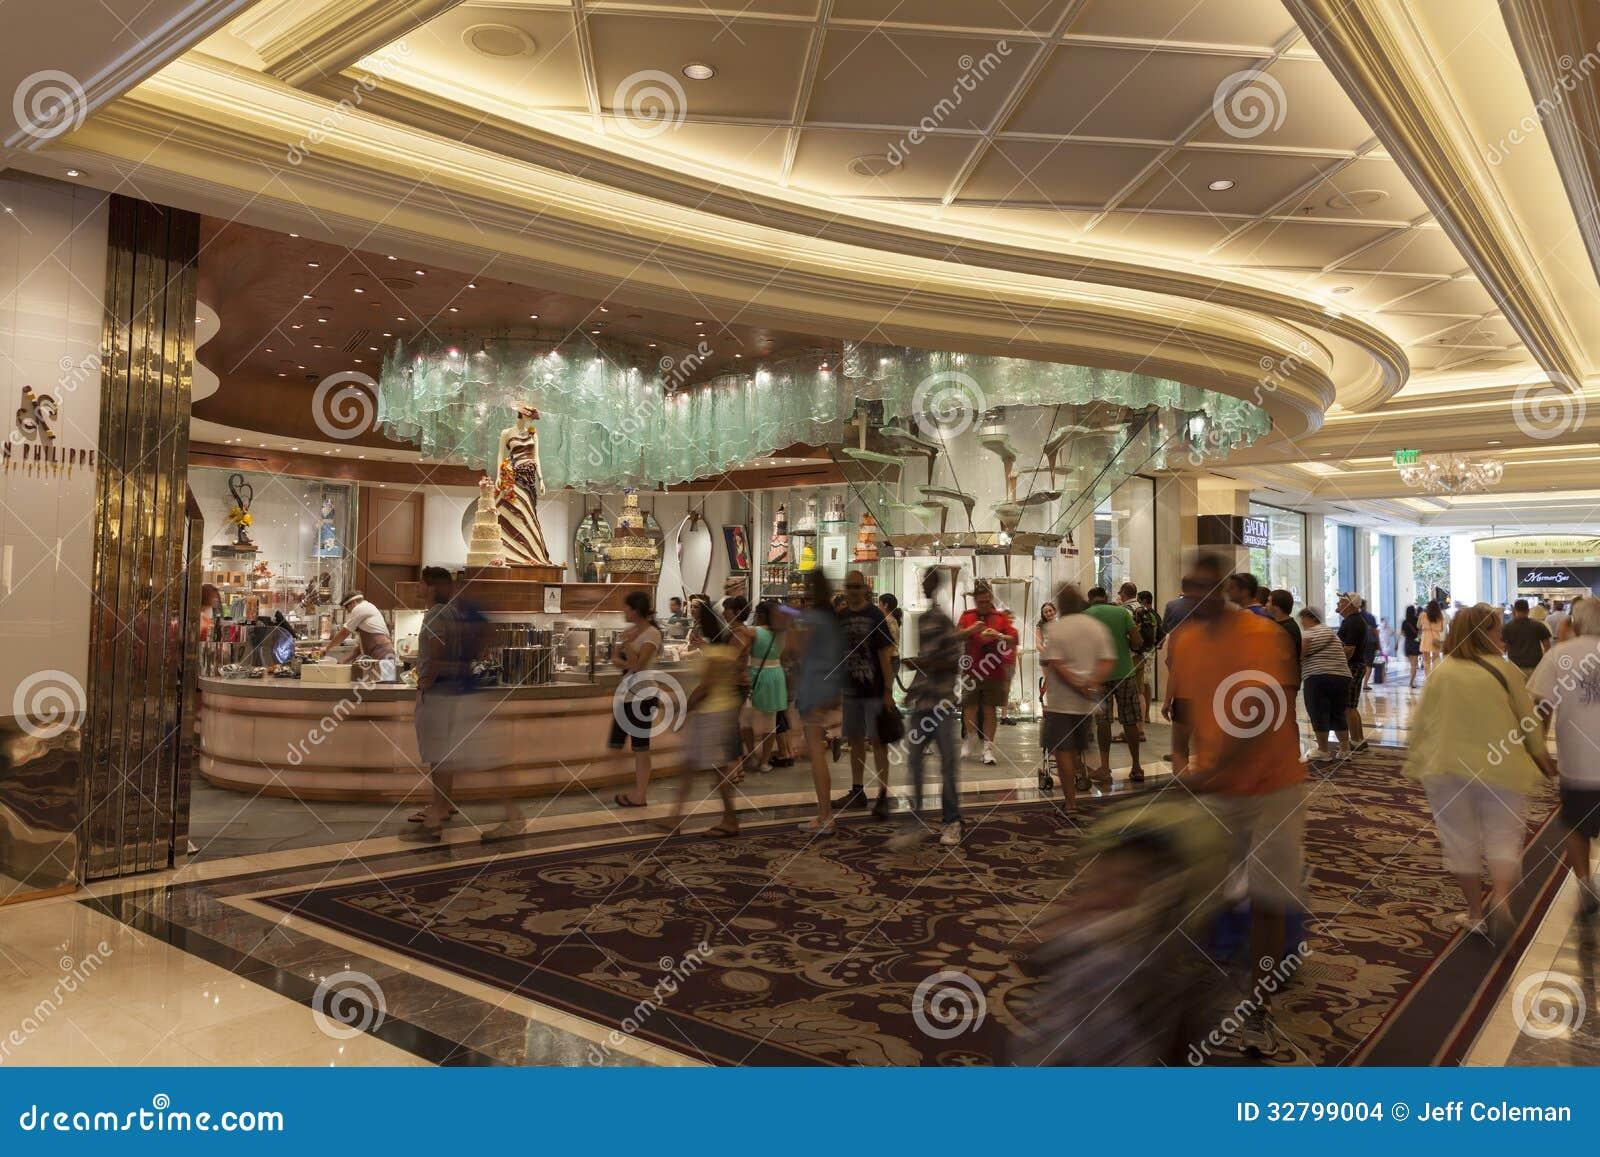 Εσωτερικό ξενοδοχείων του Μπελάτζιο στο Λας Βέγκας, NV στις 6 Αυγούστου 2013